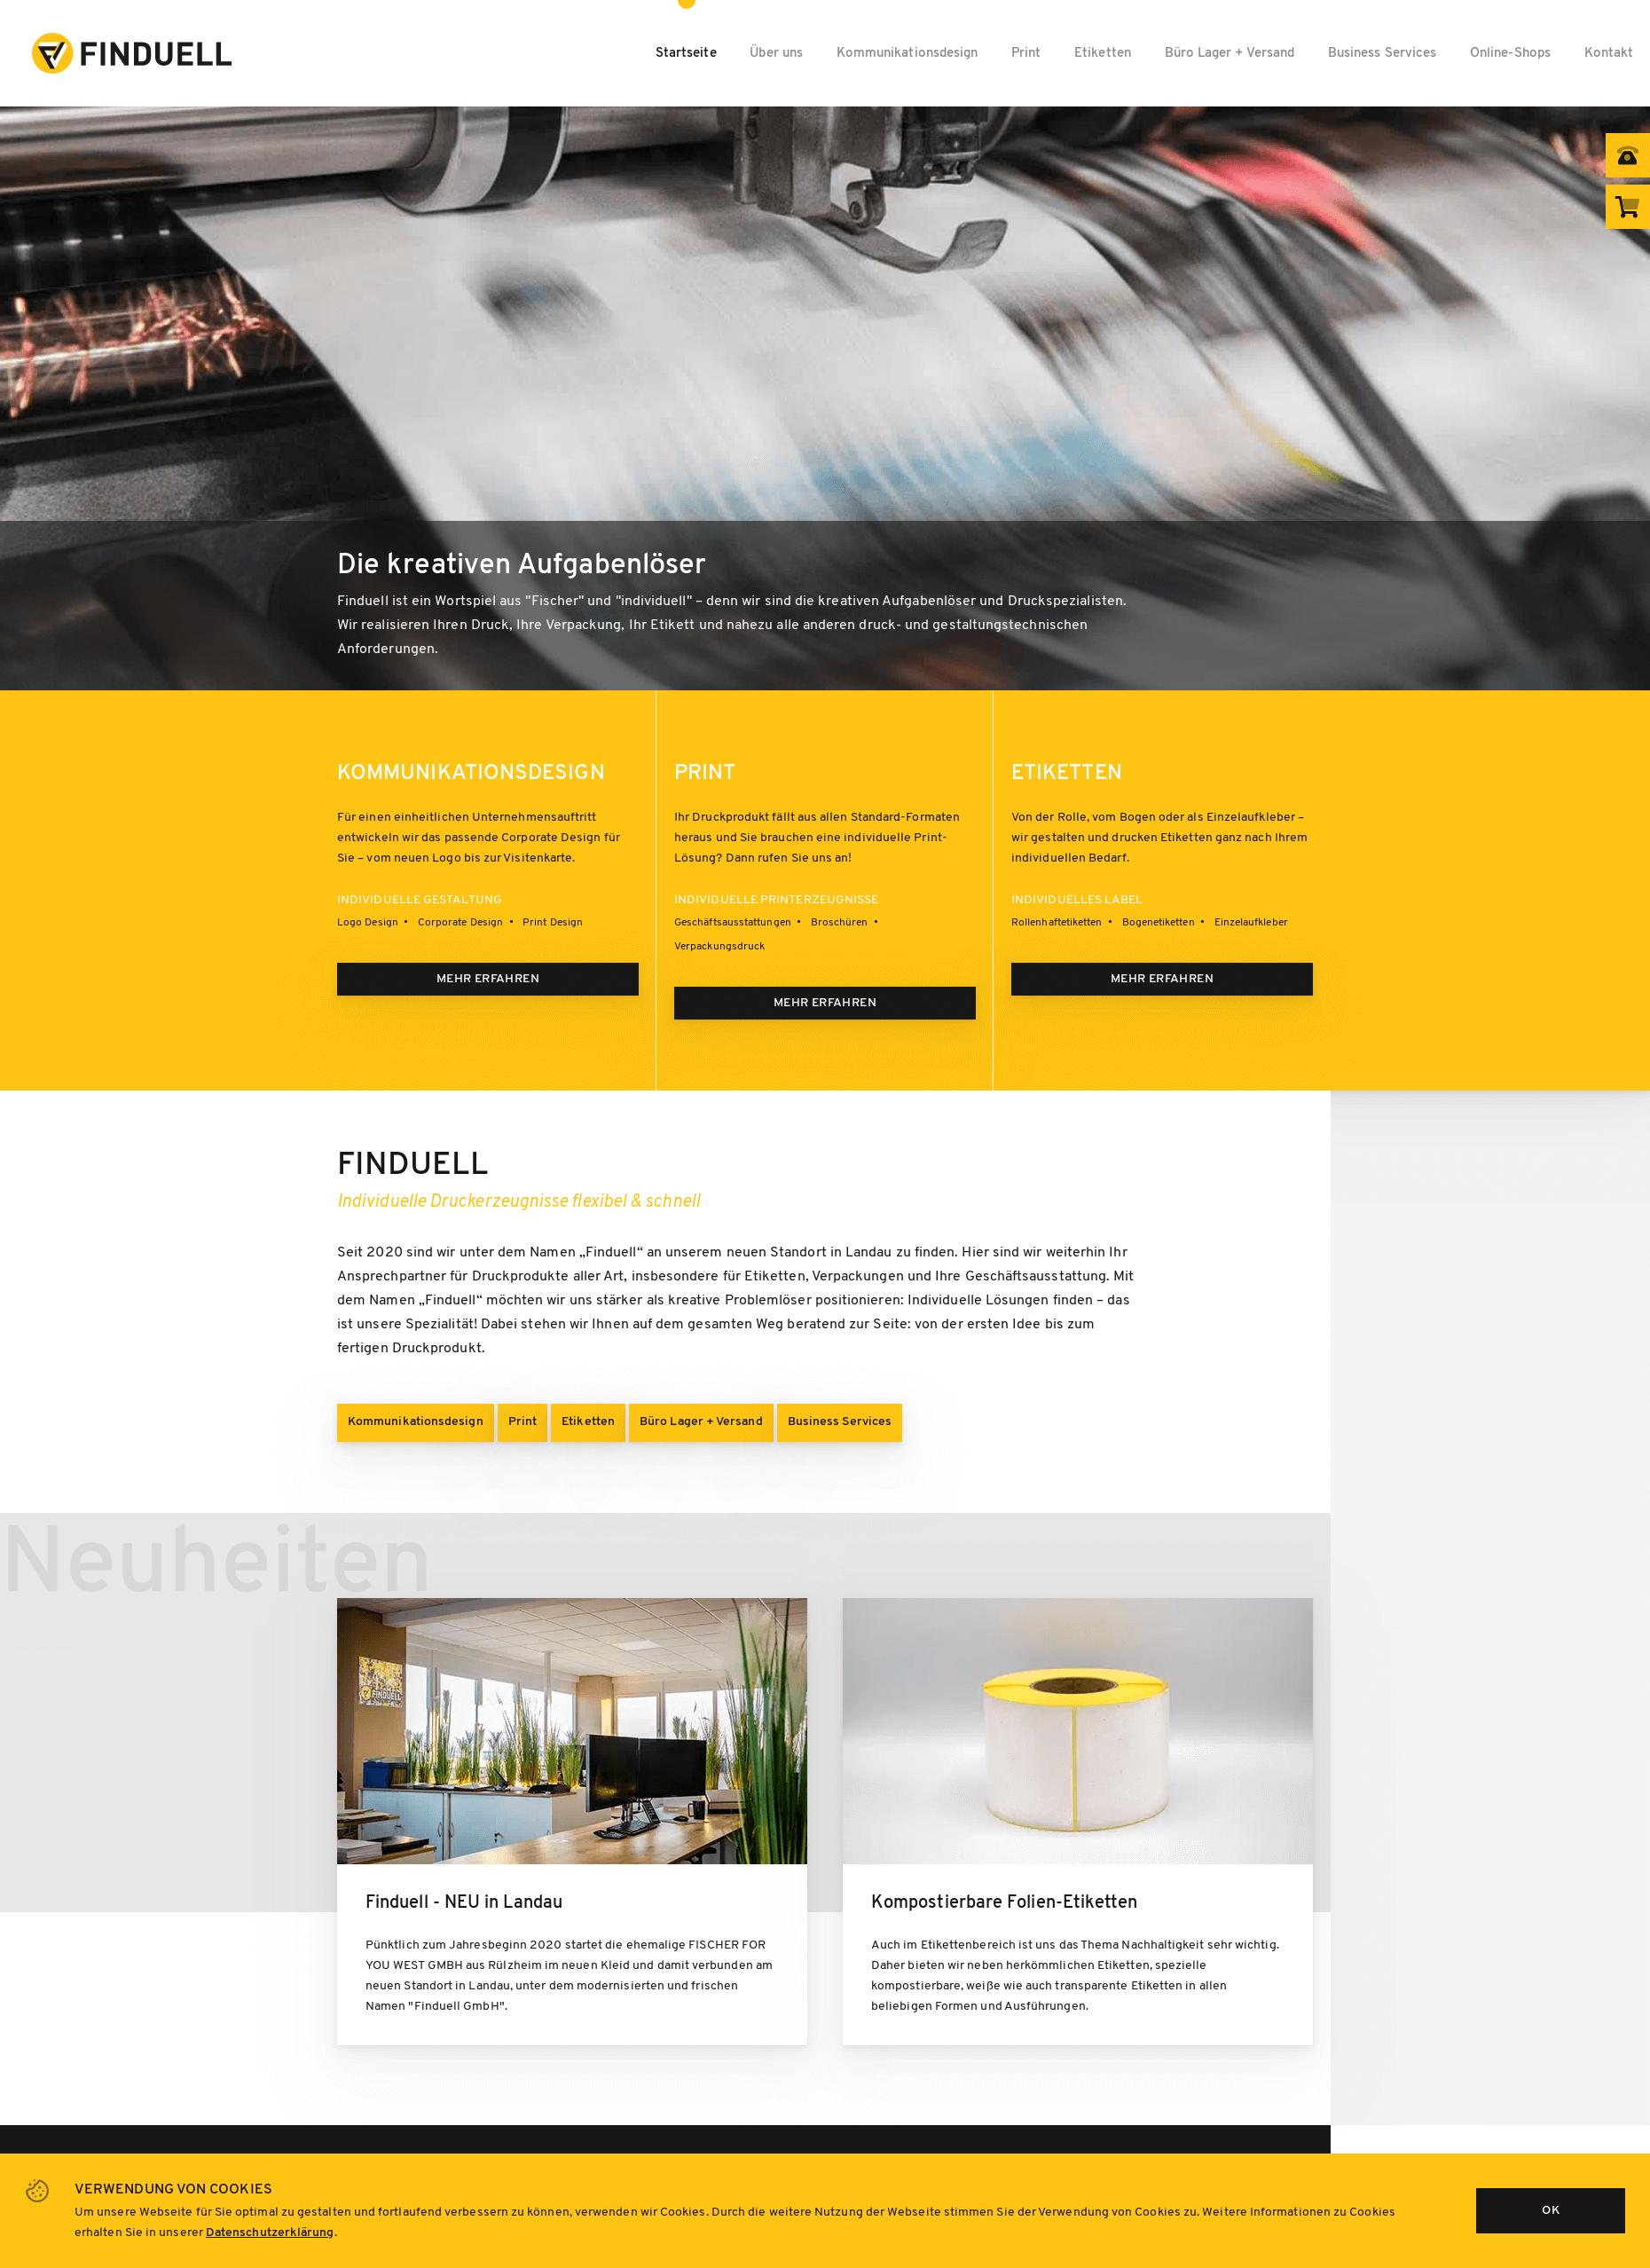 Finduell Website